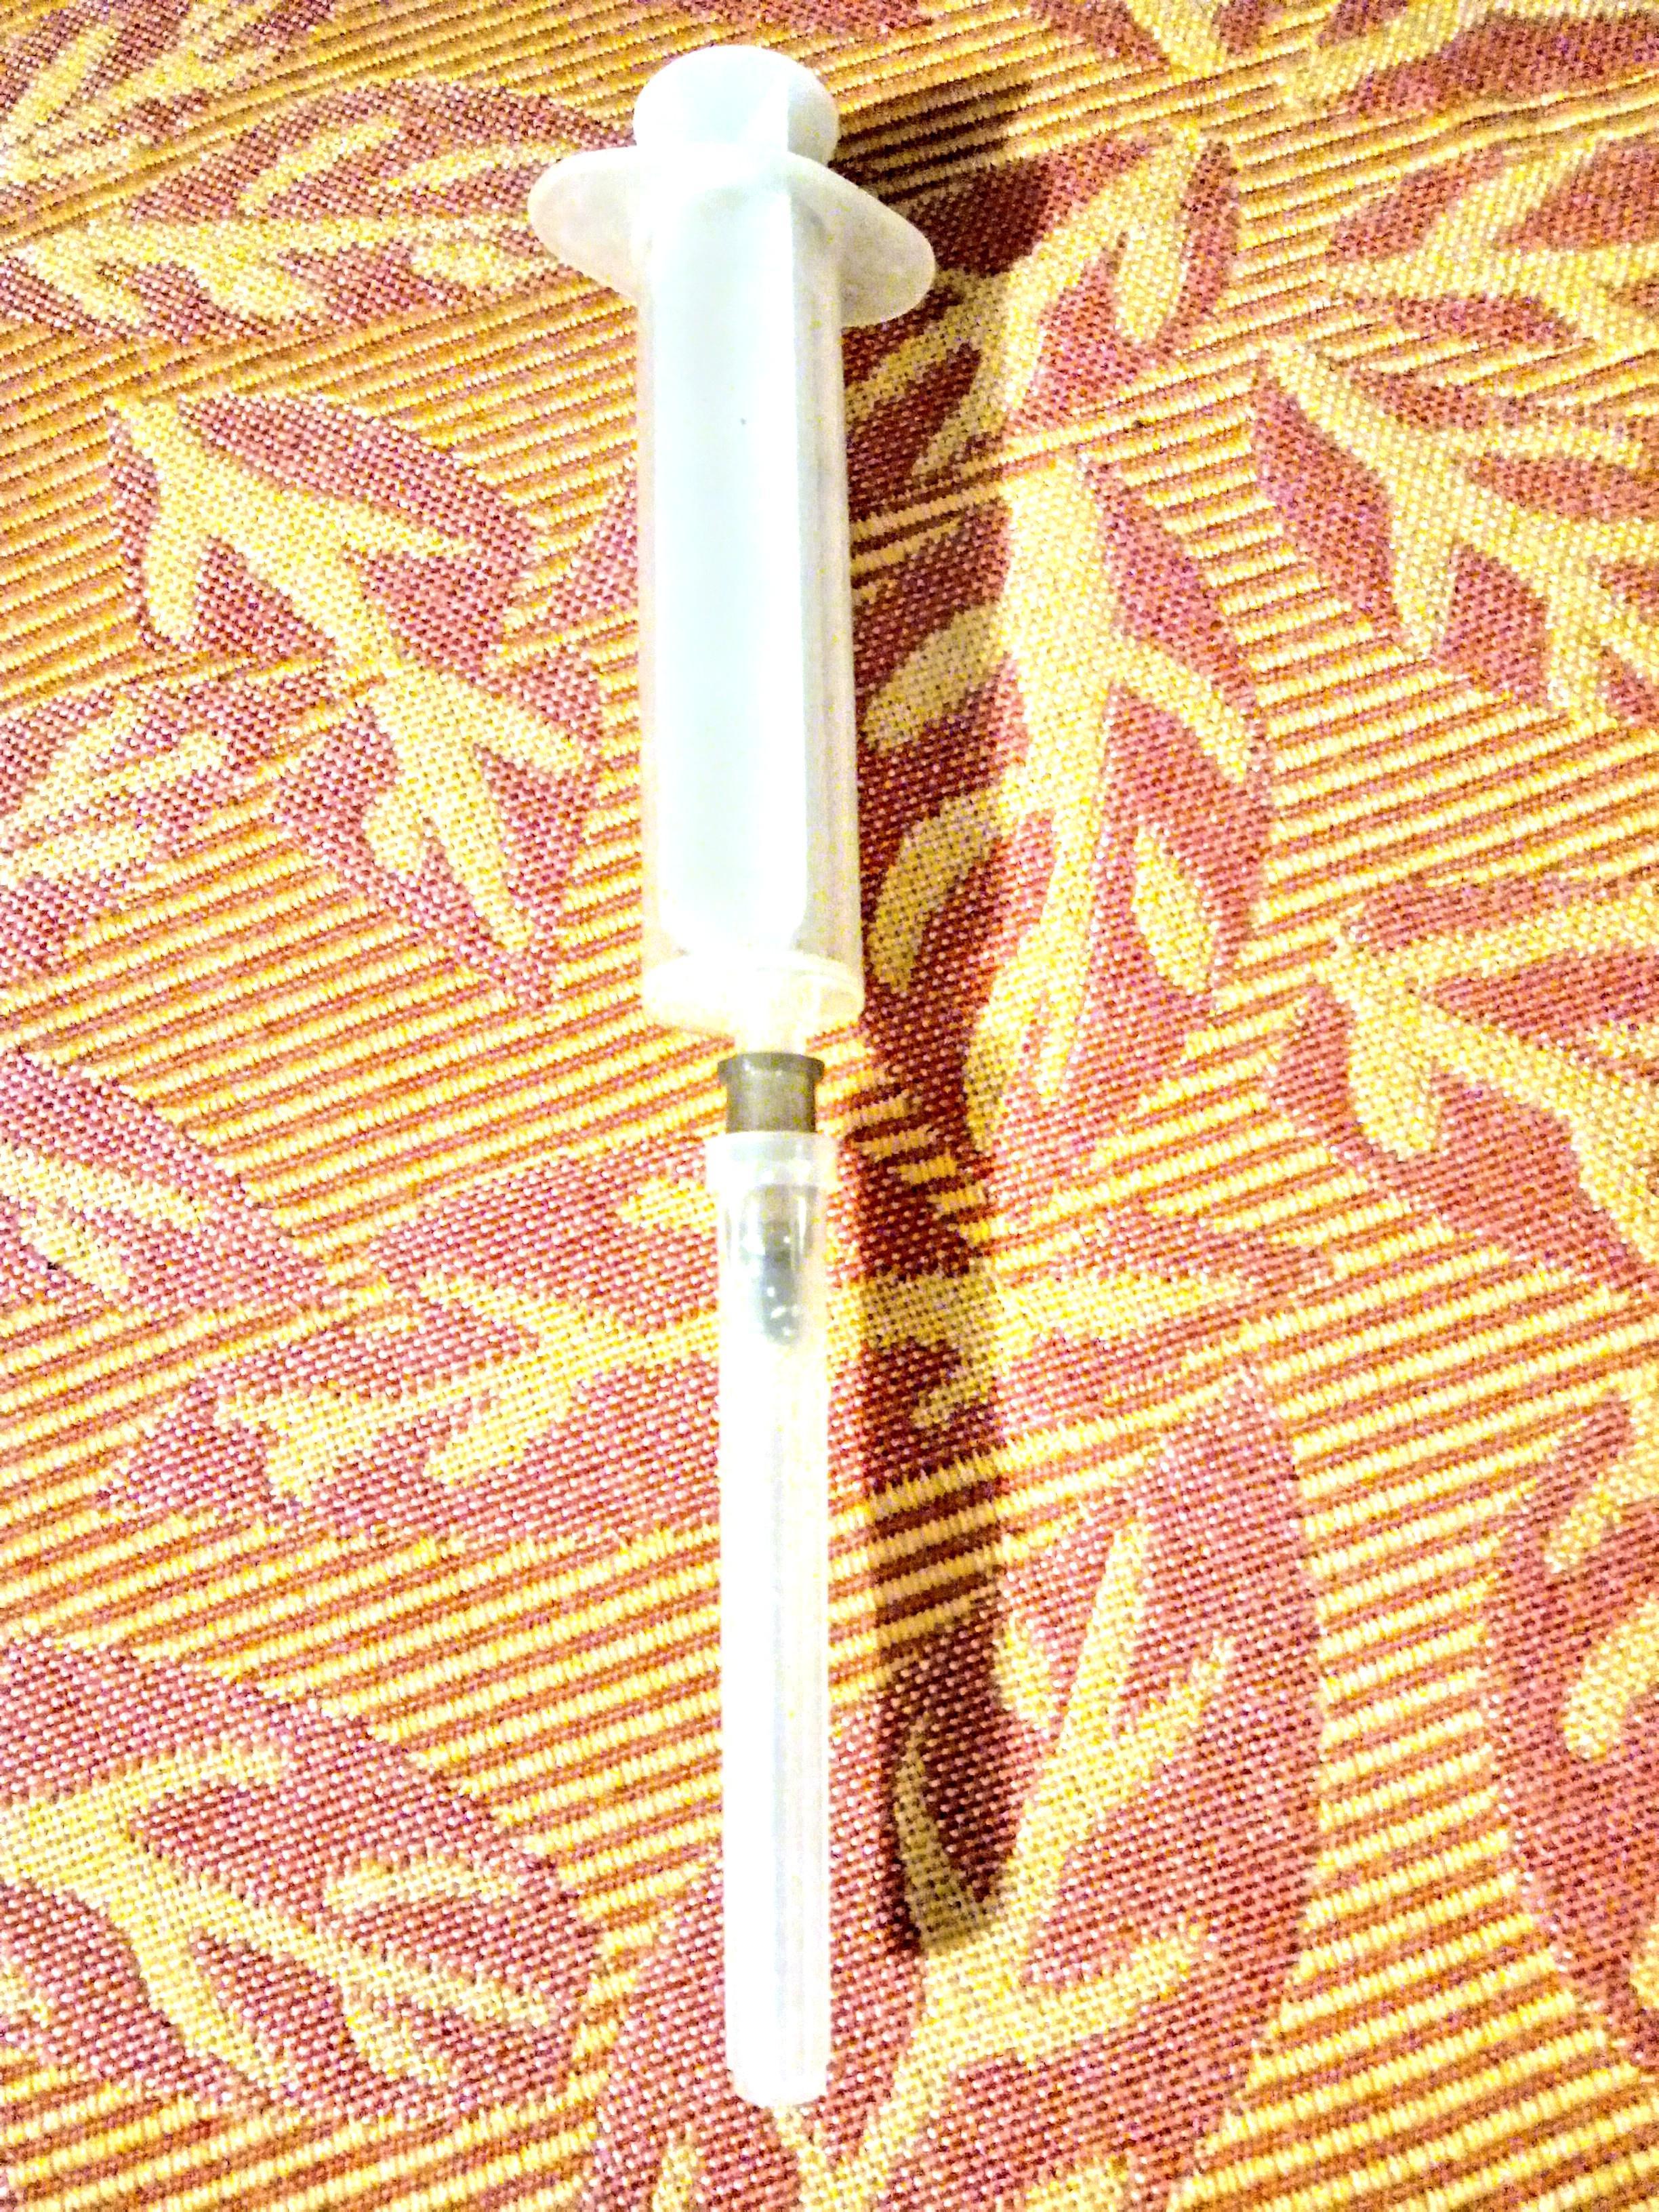 troc de troc seringue avec aiguille image 1